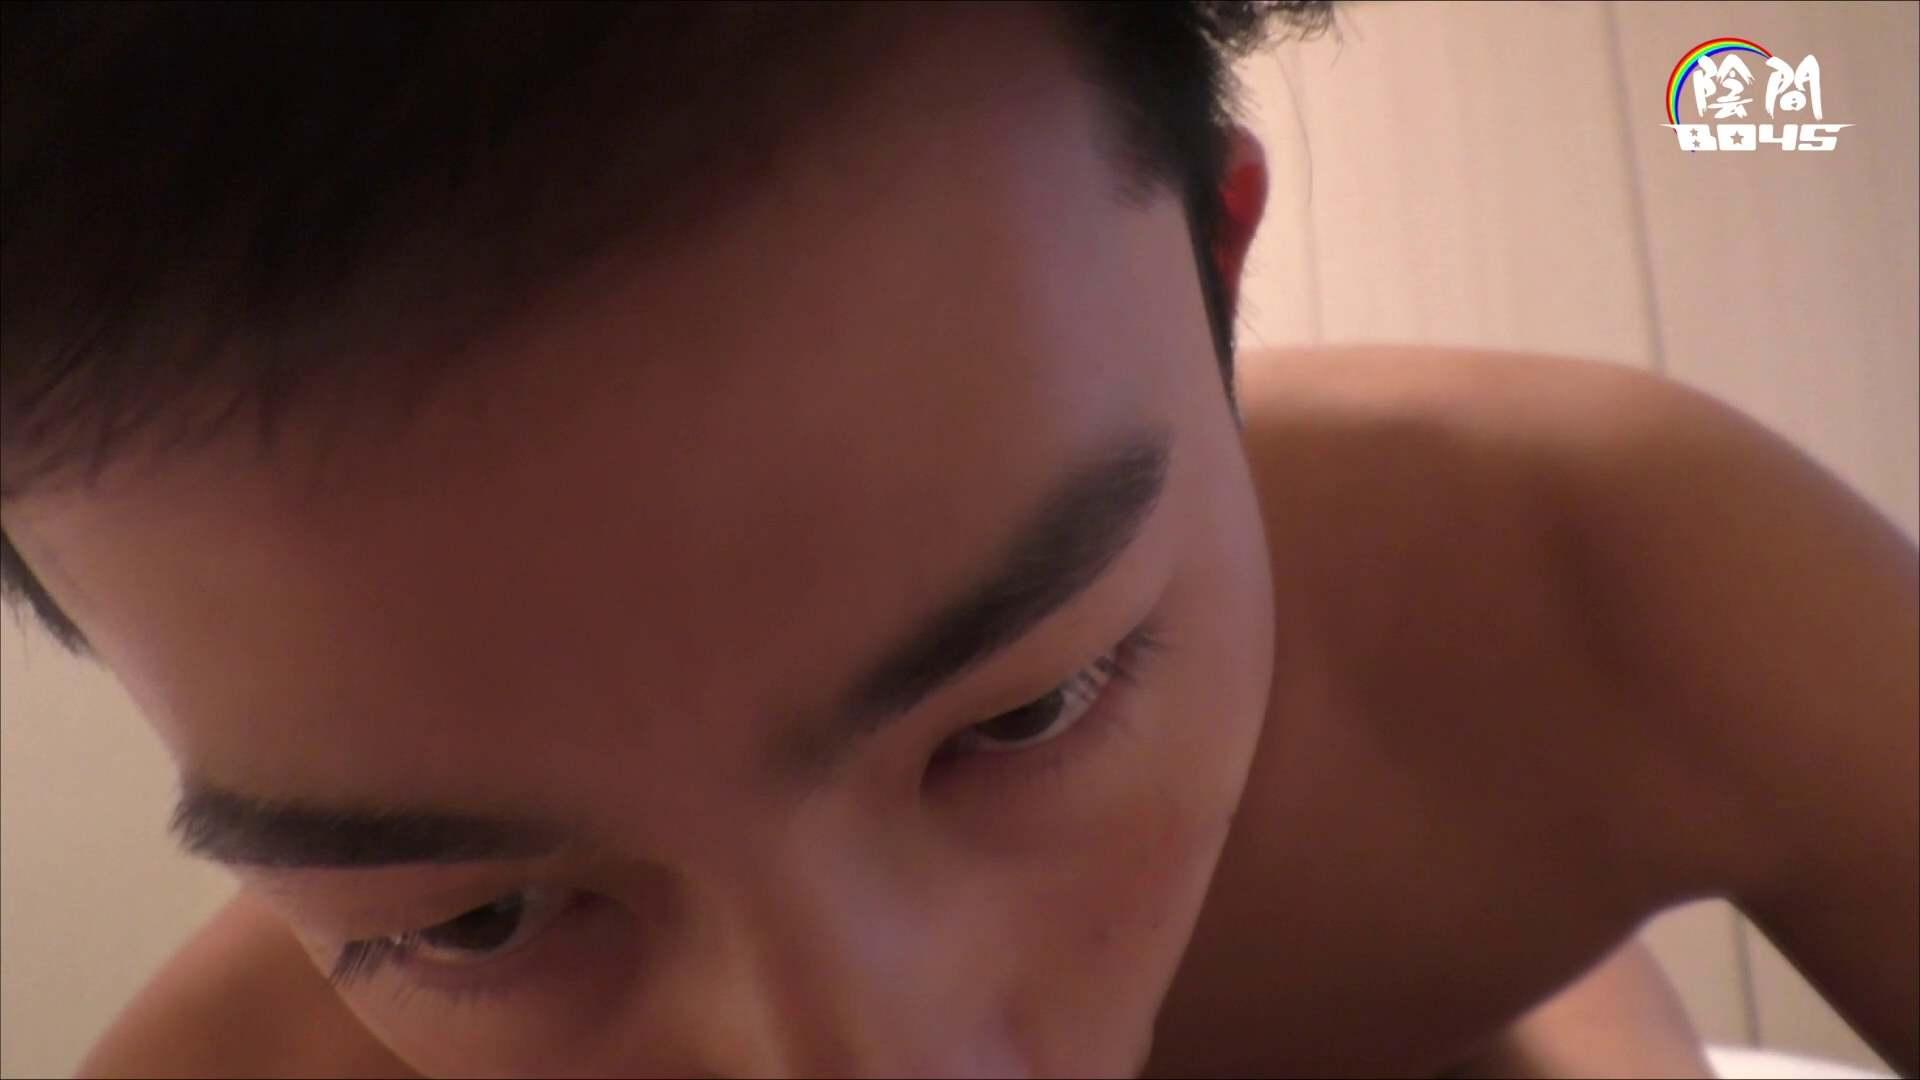 「君のアナルは」part2 ~ノンケの素顔~ Vol.06 手淫 | 三ツ星天国 AV動画 110枚 50